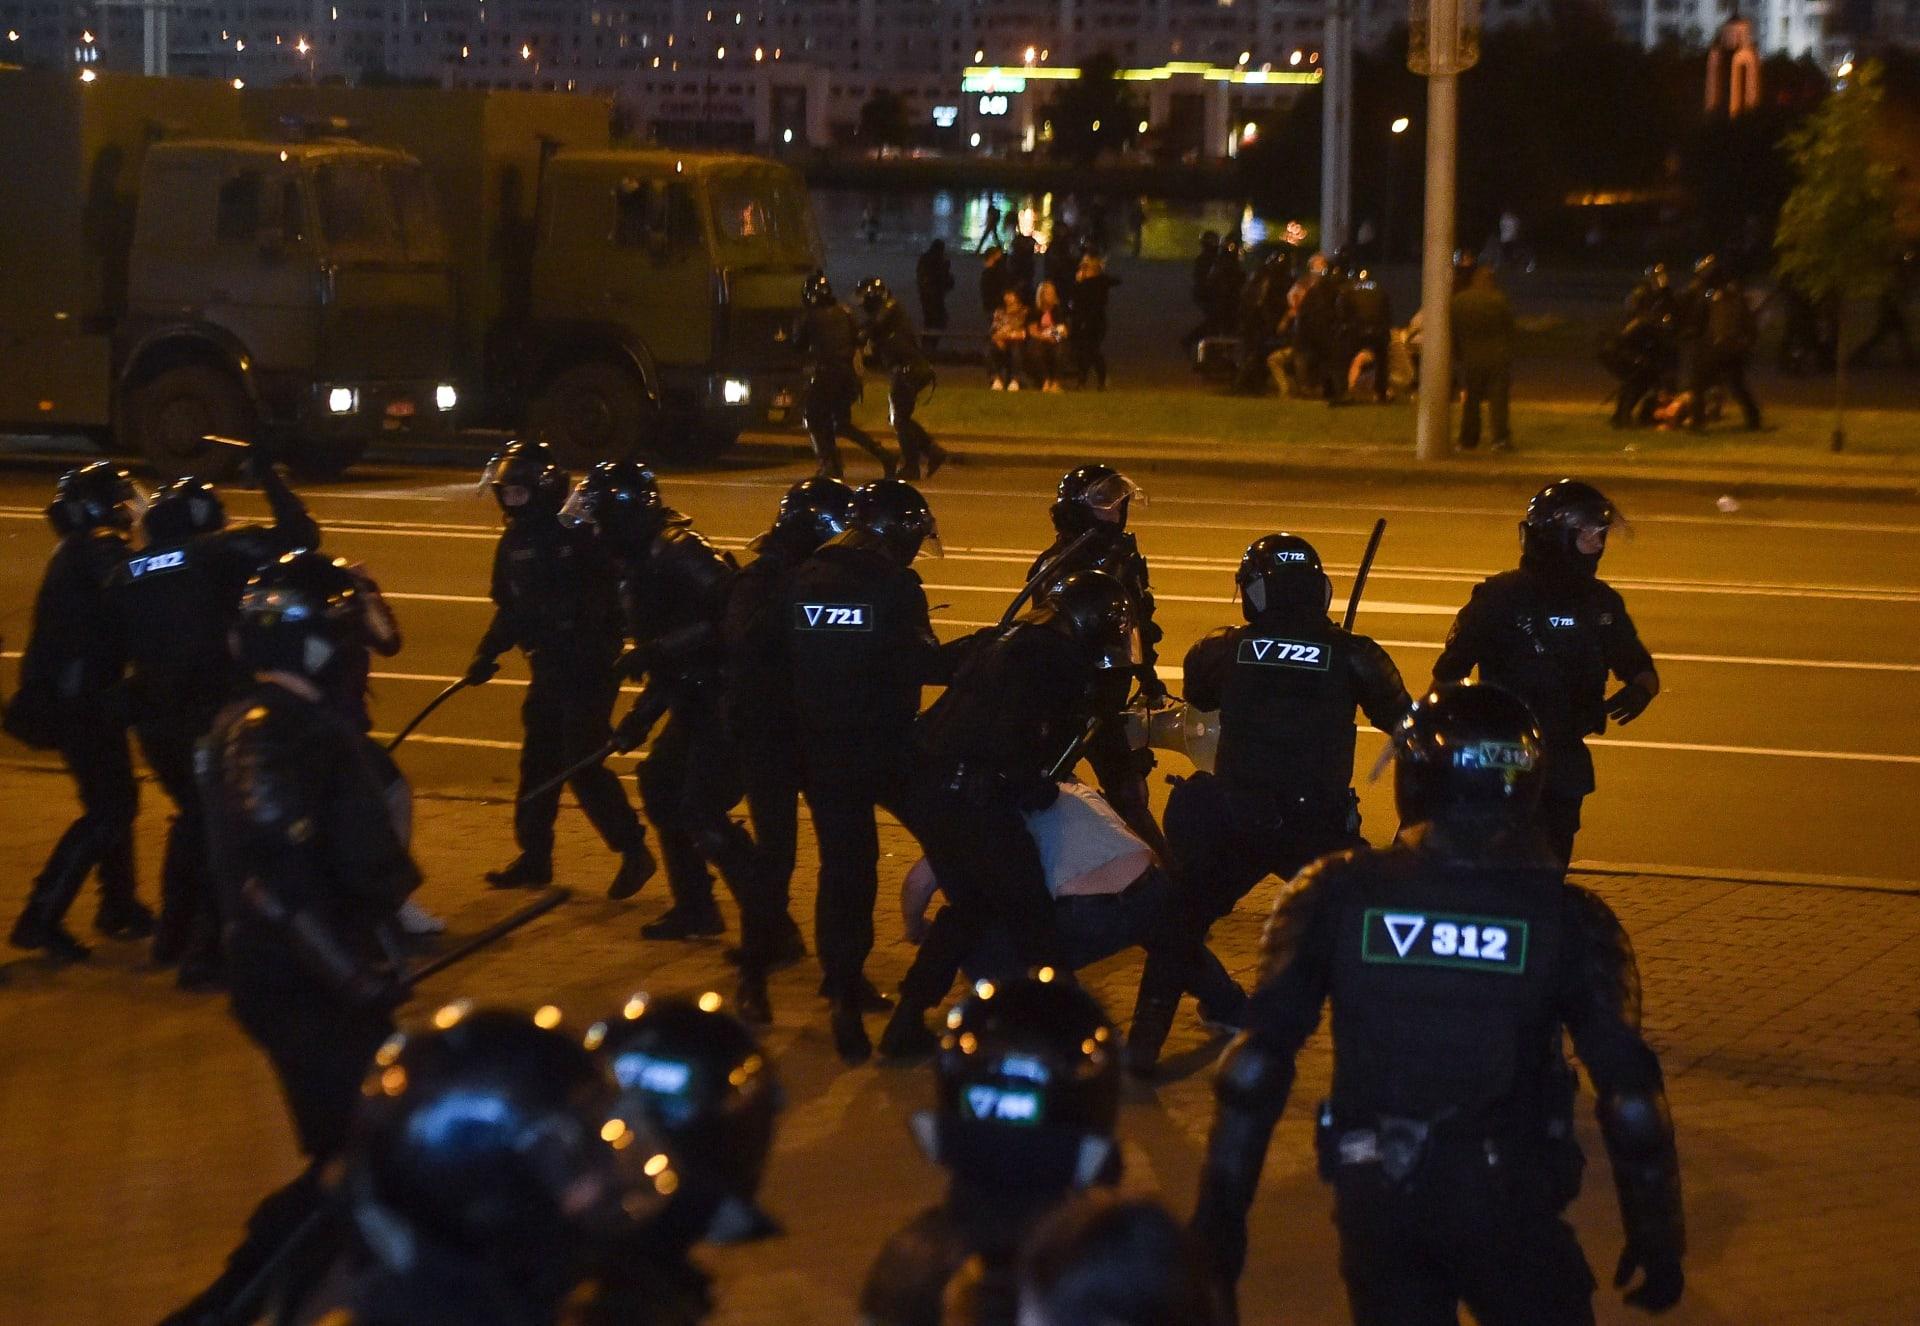 مواجهات بين قوات الأمن والمتظاهرين في بيلاروسيا بعد إعلان فوز الرئيس الحالي في الانتخابات